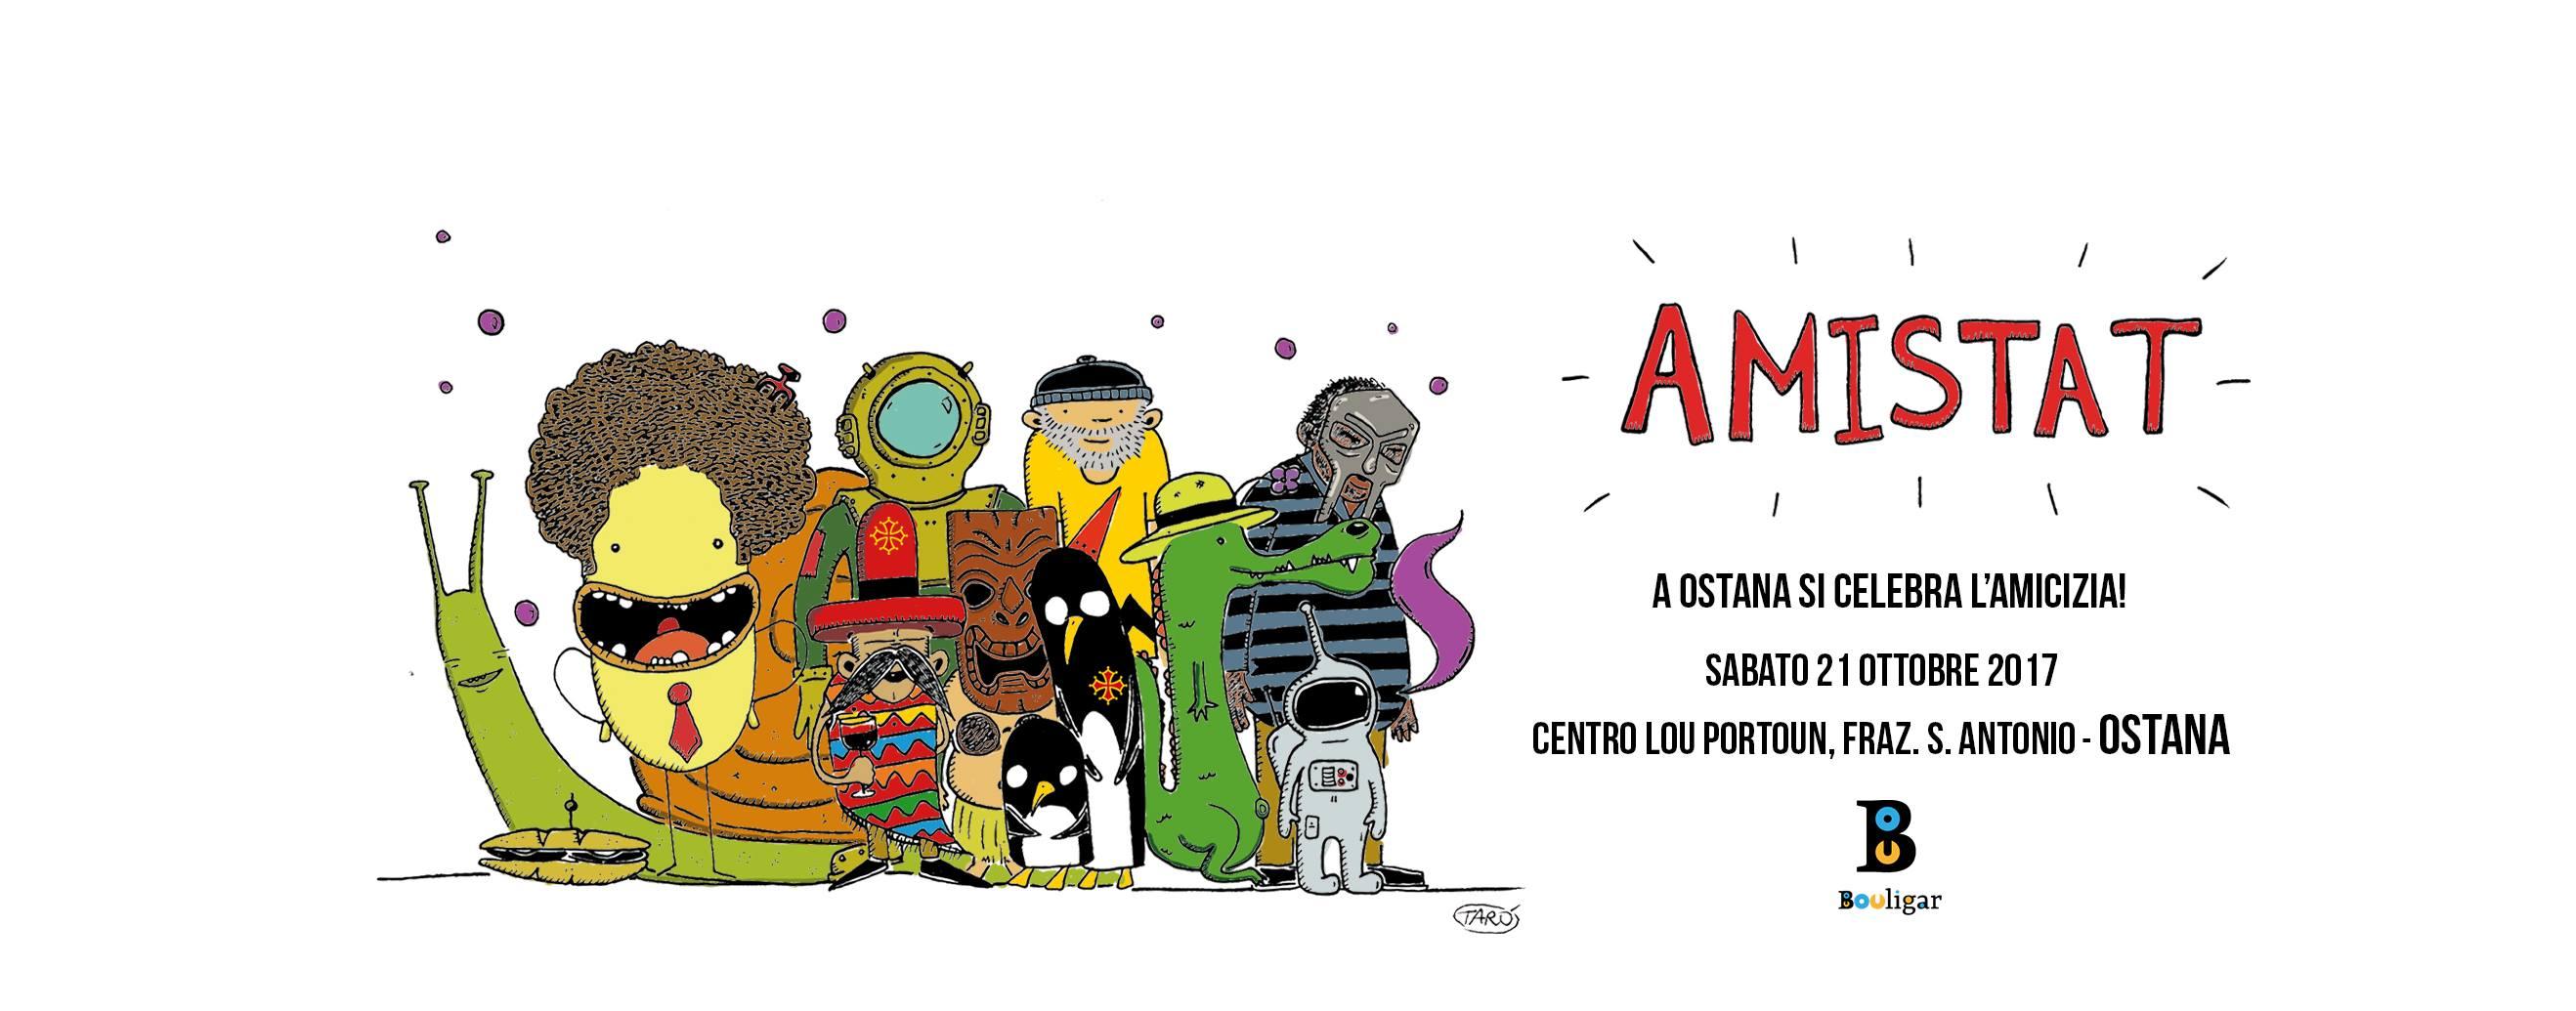 amistat 21 ottobre ostana